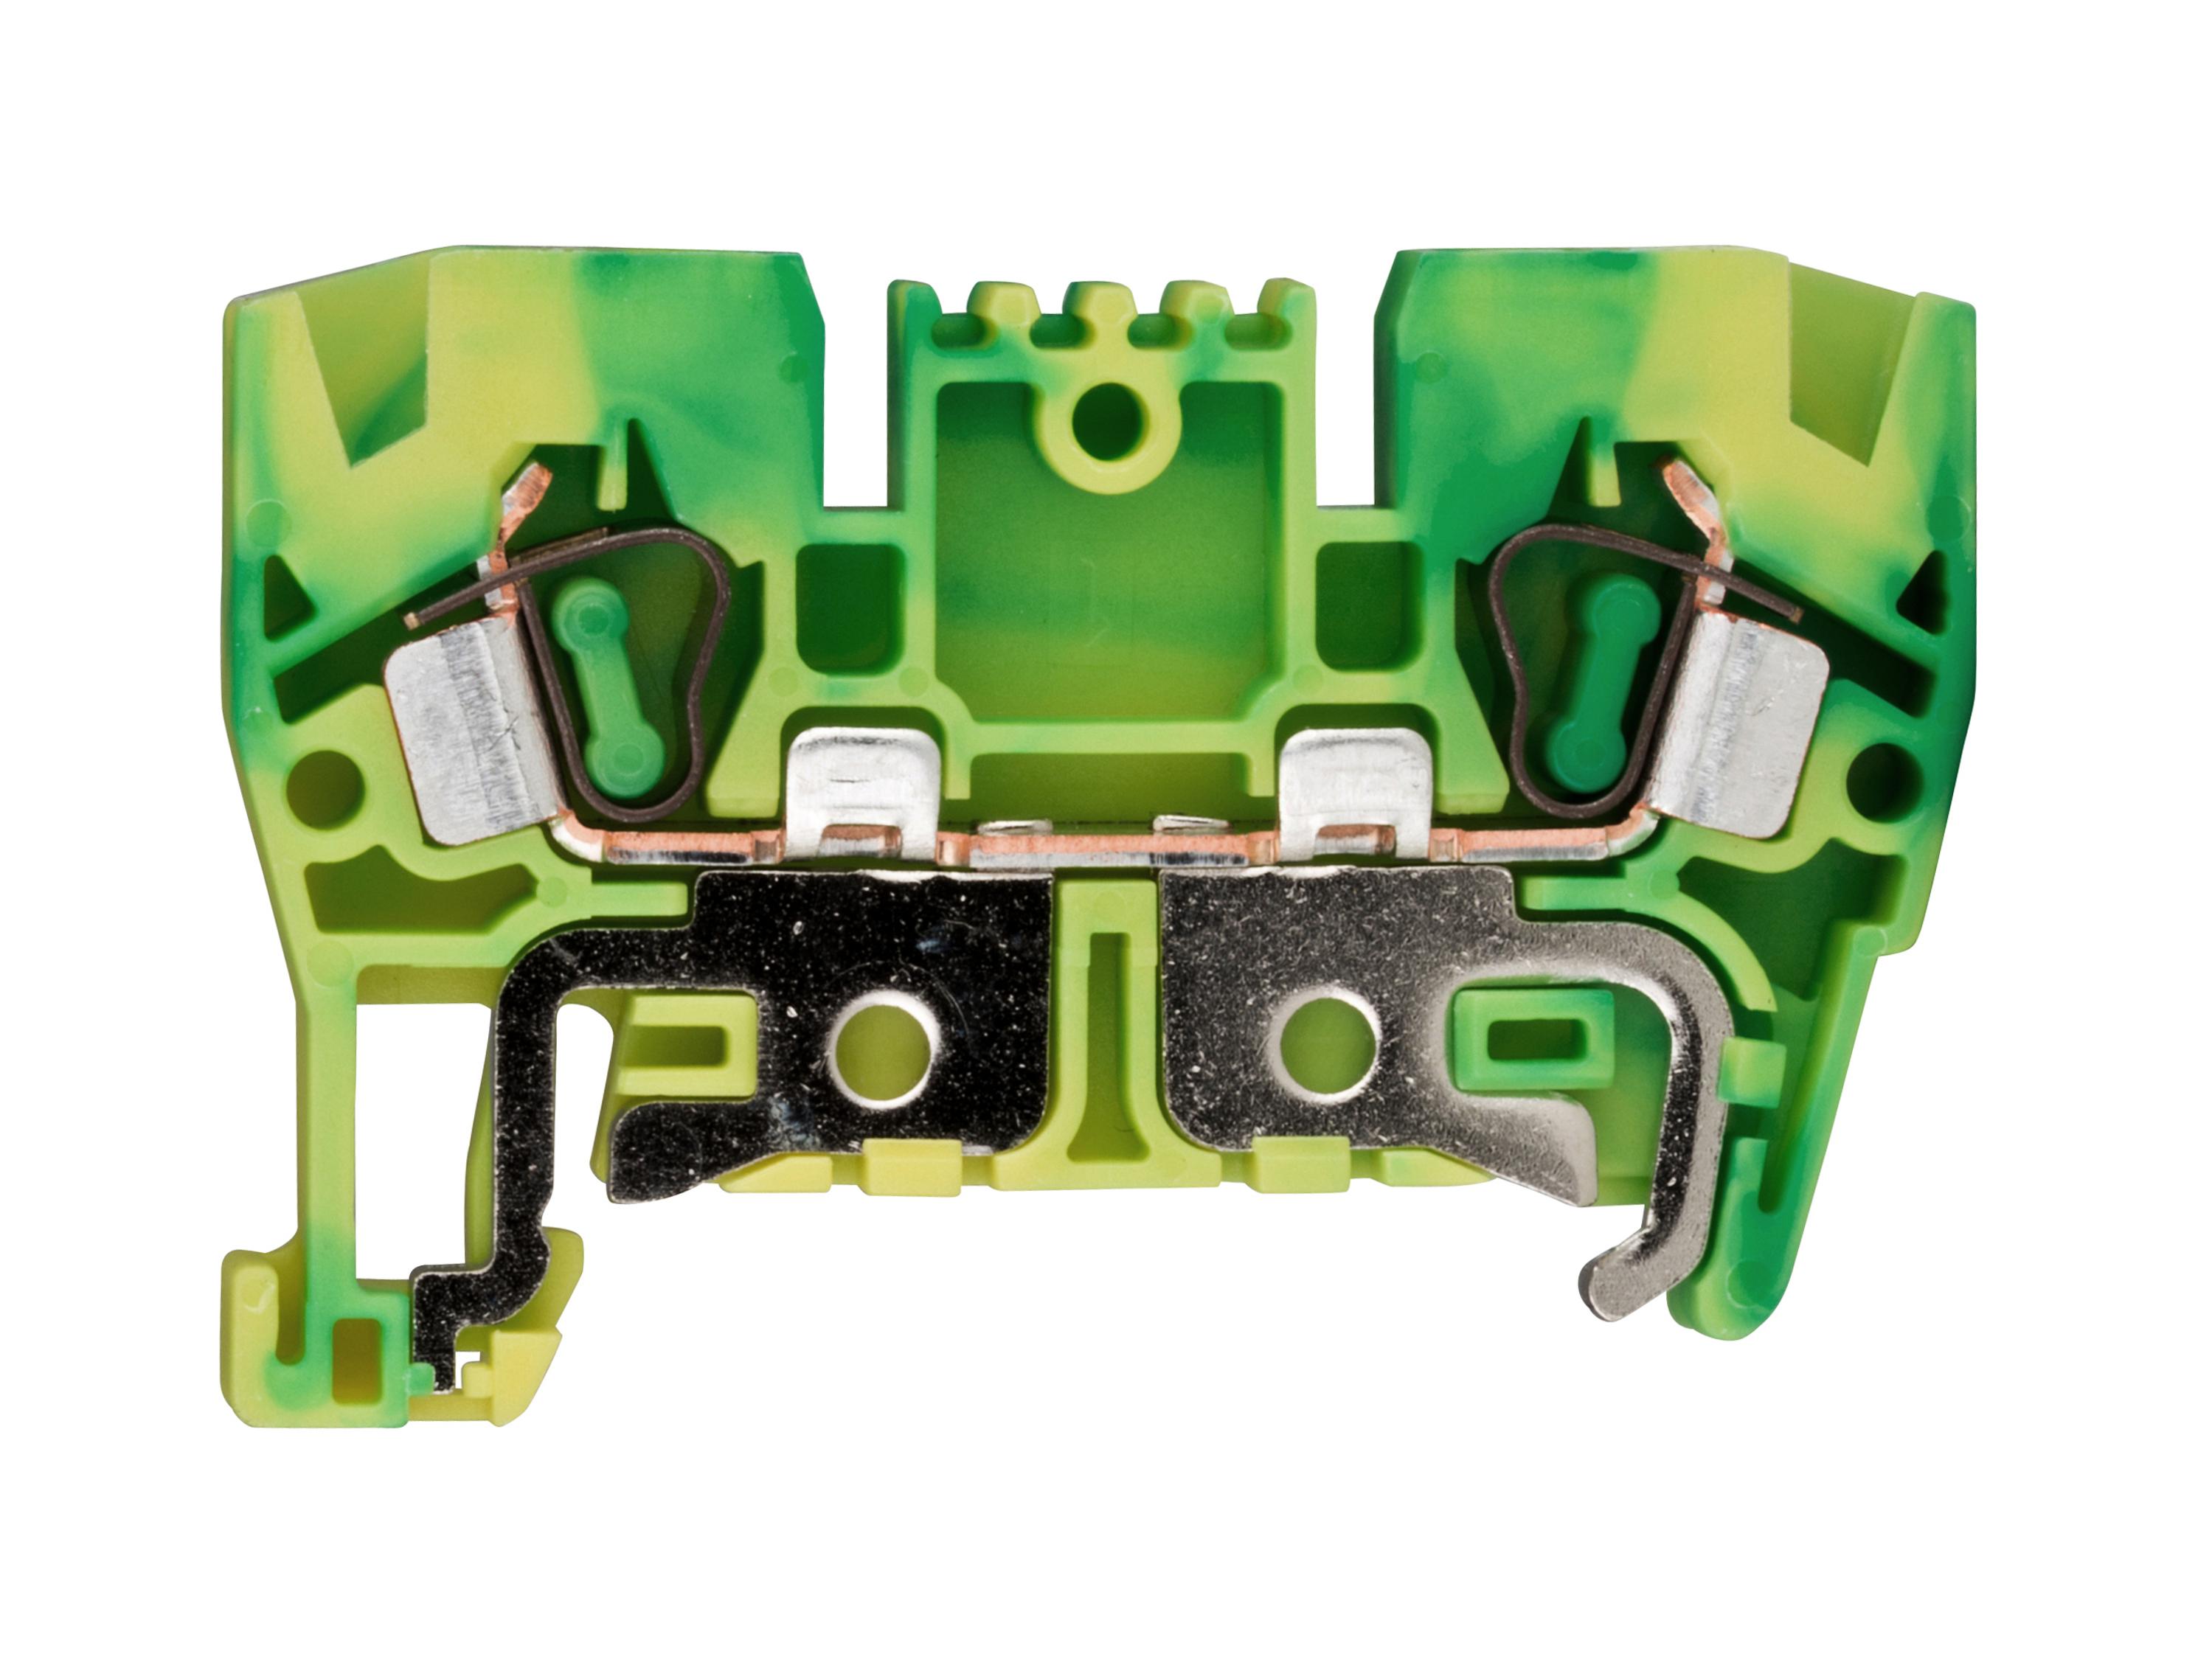 1 Stk Schutzleiter-Federkraftklemme 4mm², Type YBK4T gelb-grün IK632004--